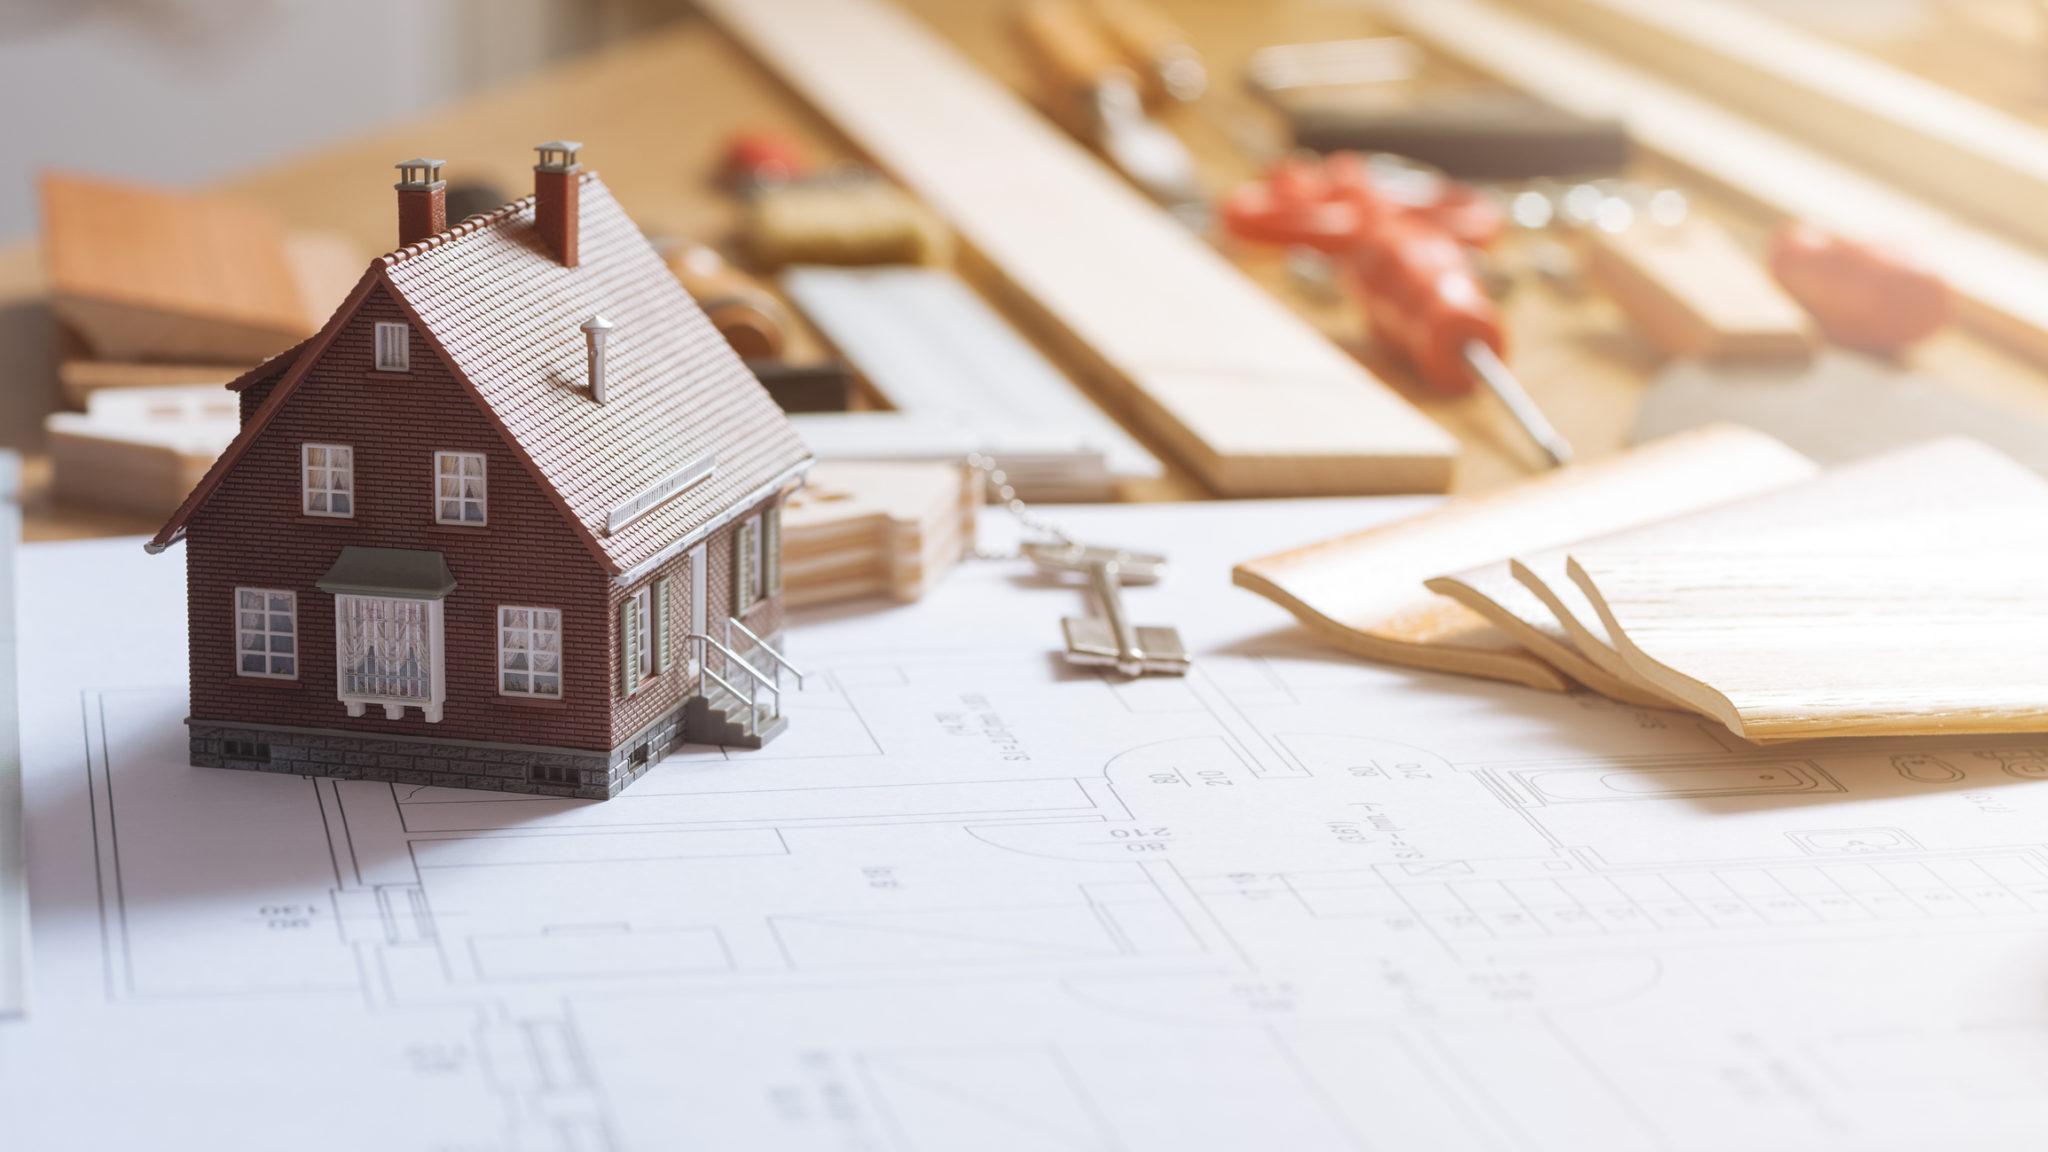 Ristrutturazione Casa Costi Napoli come ristrutturare casa a napoli e provincia by